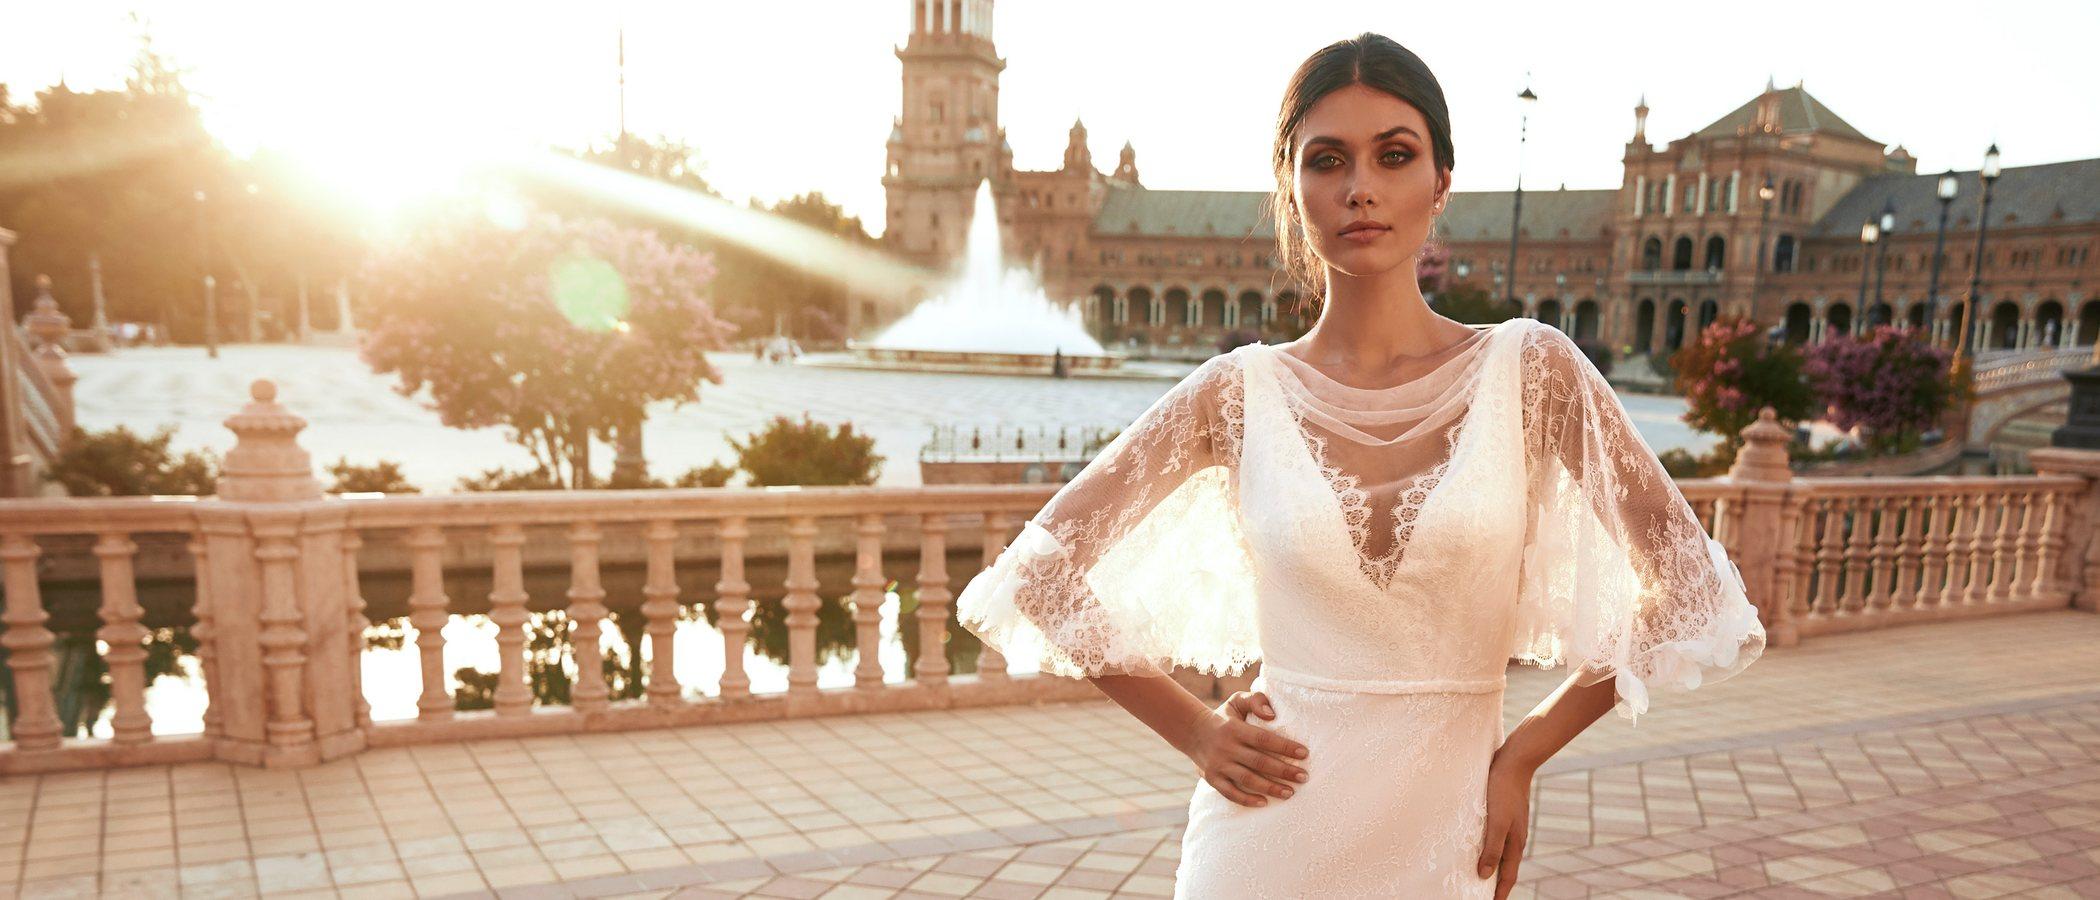 Pronovias lanza una colección de vestidos de novia en colaboración con Marchesa con aires sevillanos